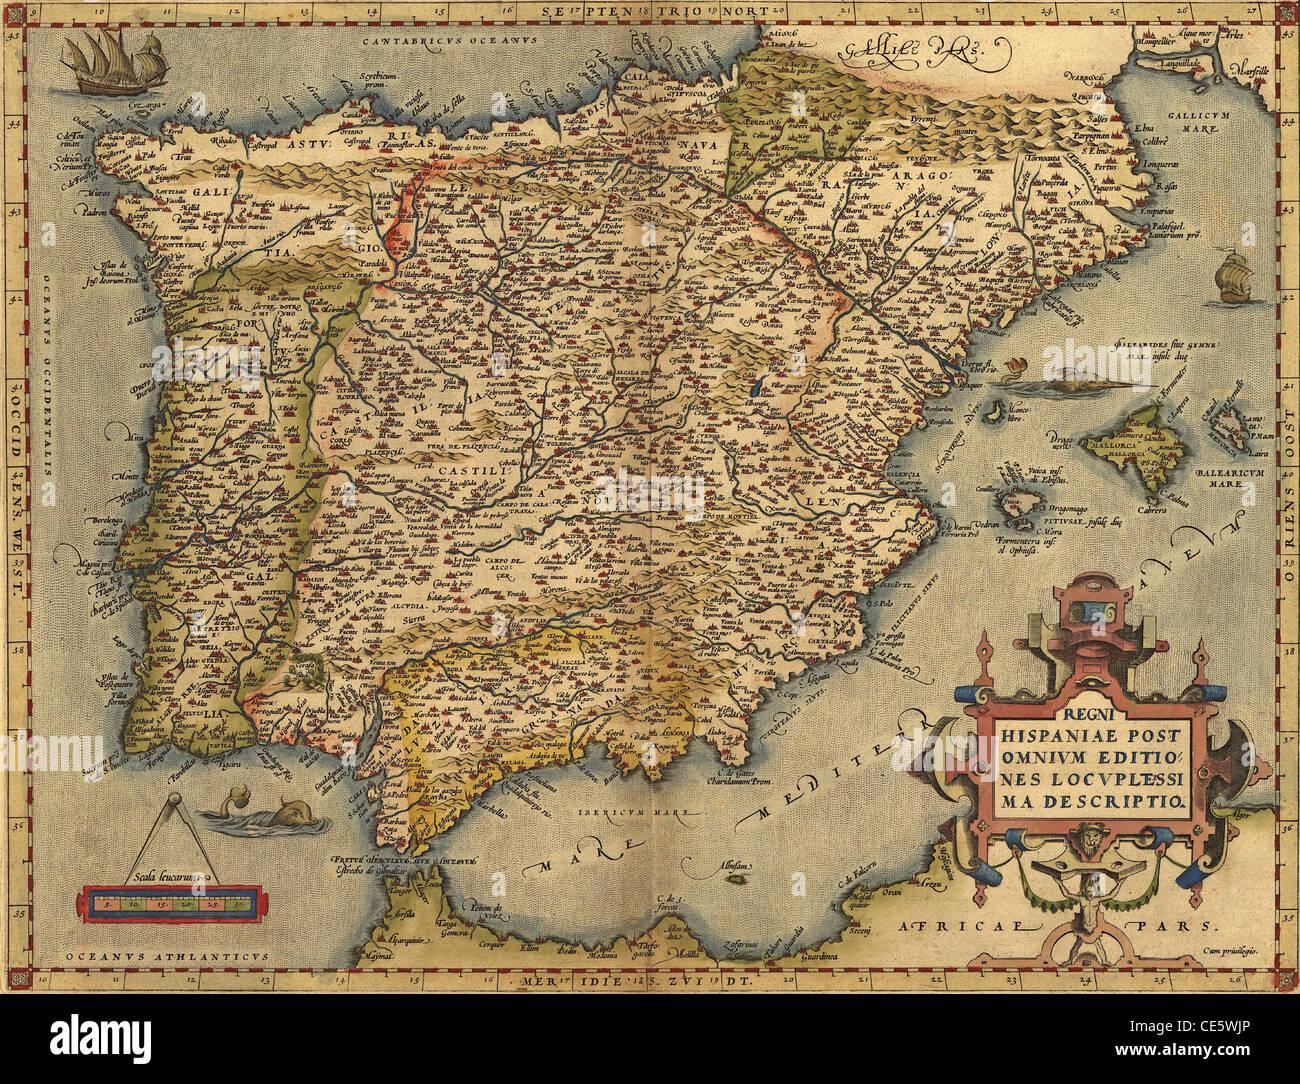 Cartina Spagna Antica.Antica Mappa Della Spagna Di Abraham Ortelius Circa 1570 Di Dominio Pubblico Foto Stock Alamy